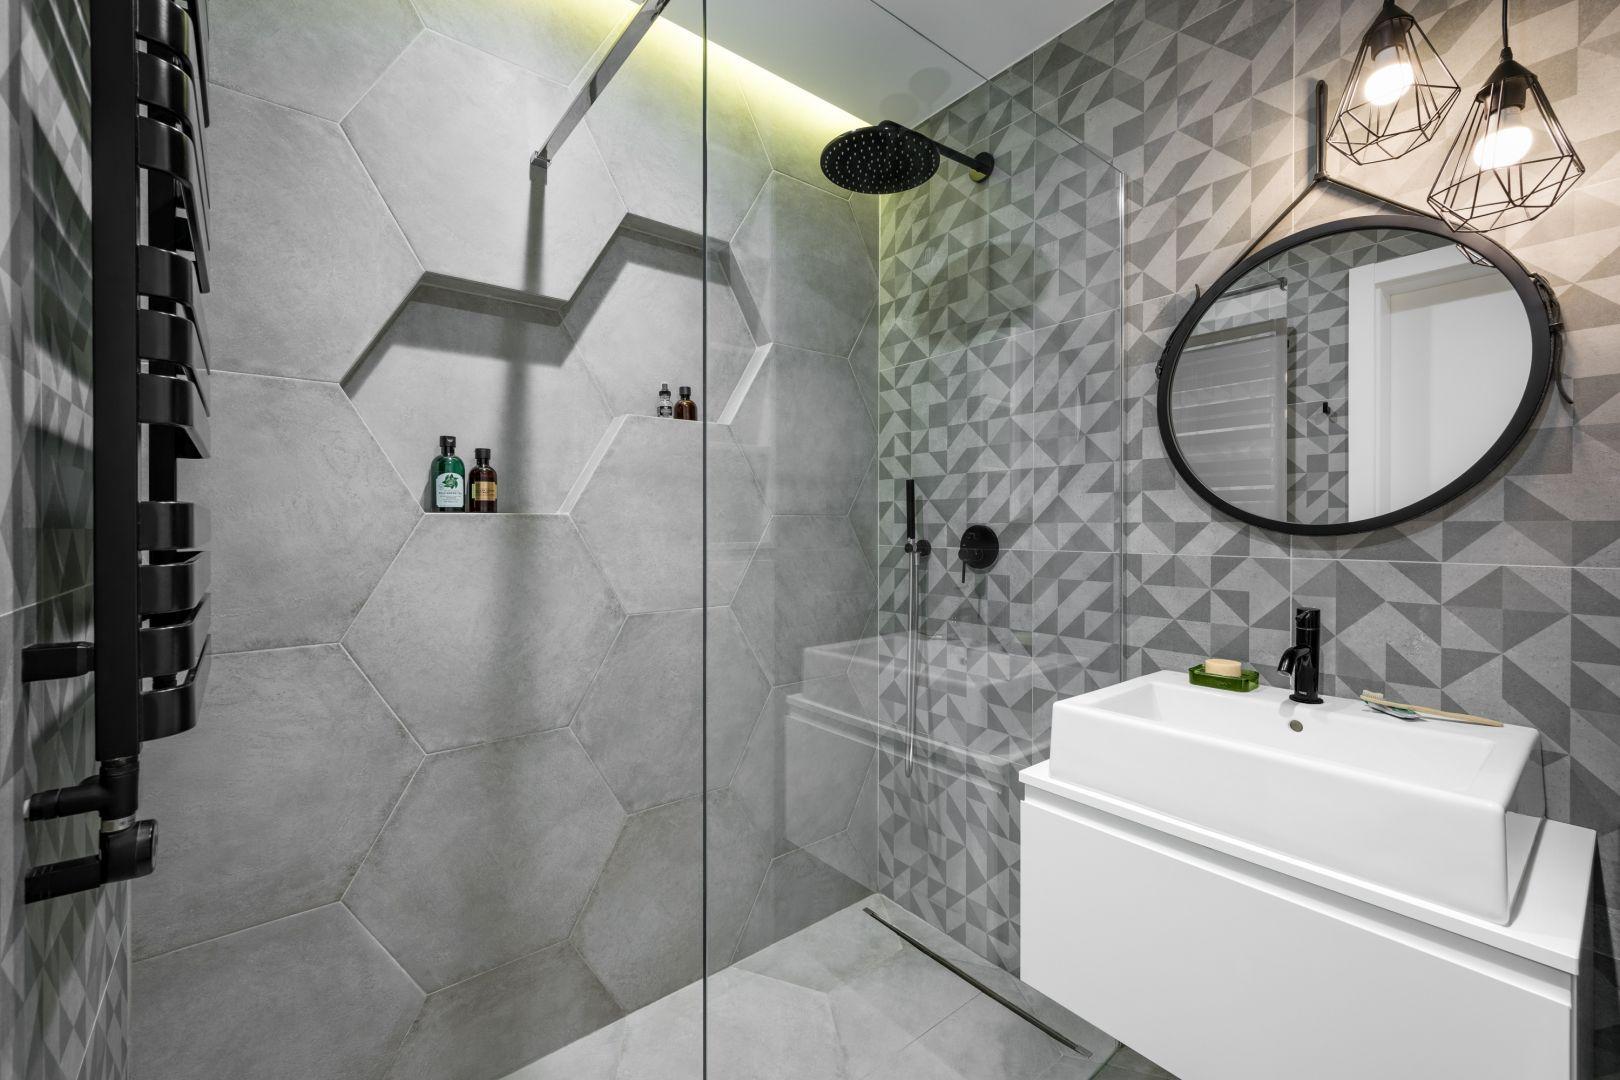 Ściany w łazienka wykończona są szarymi płytkami. To modne heksagony. Projekt: Zuzanna Kuc, ZU projektuje. Fot. Łukasz Zandecki